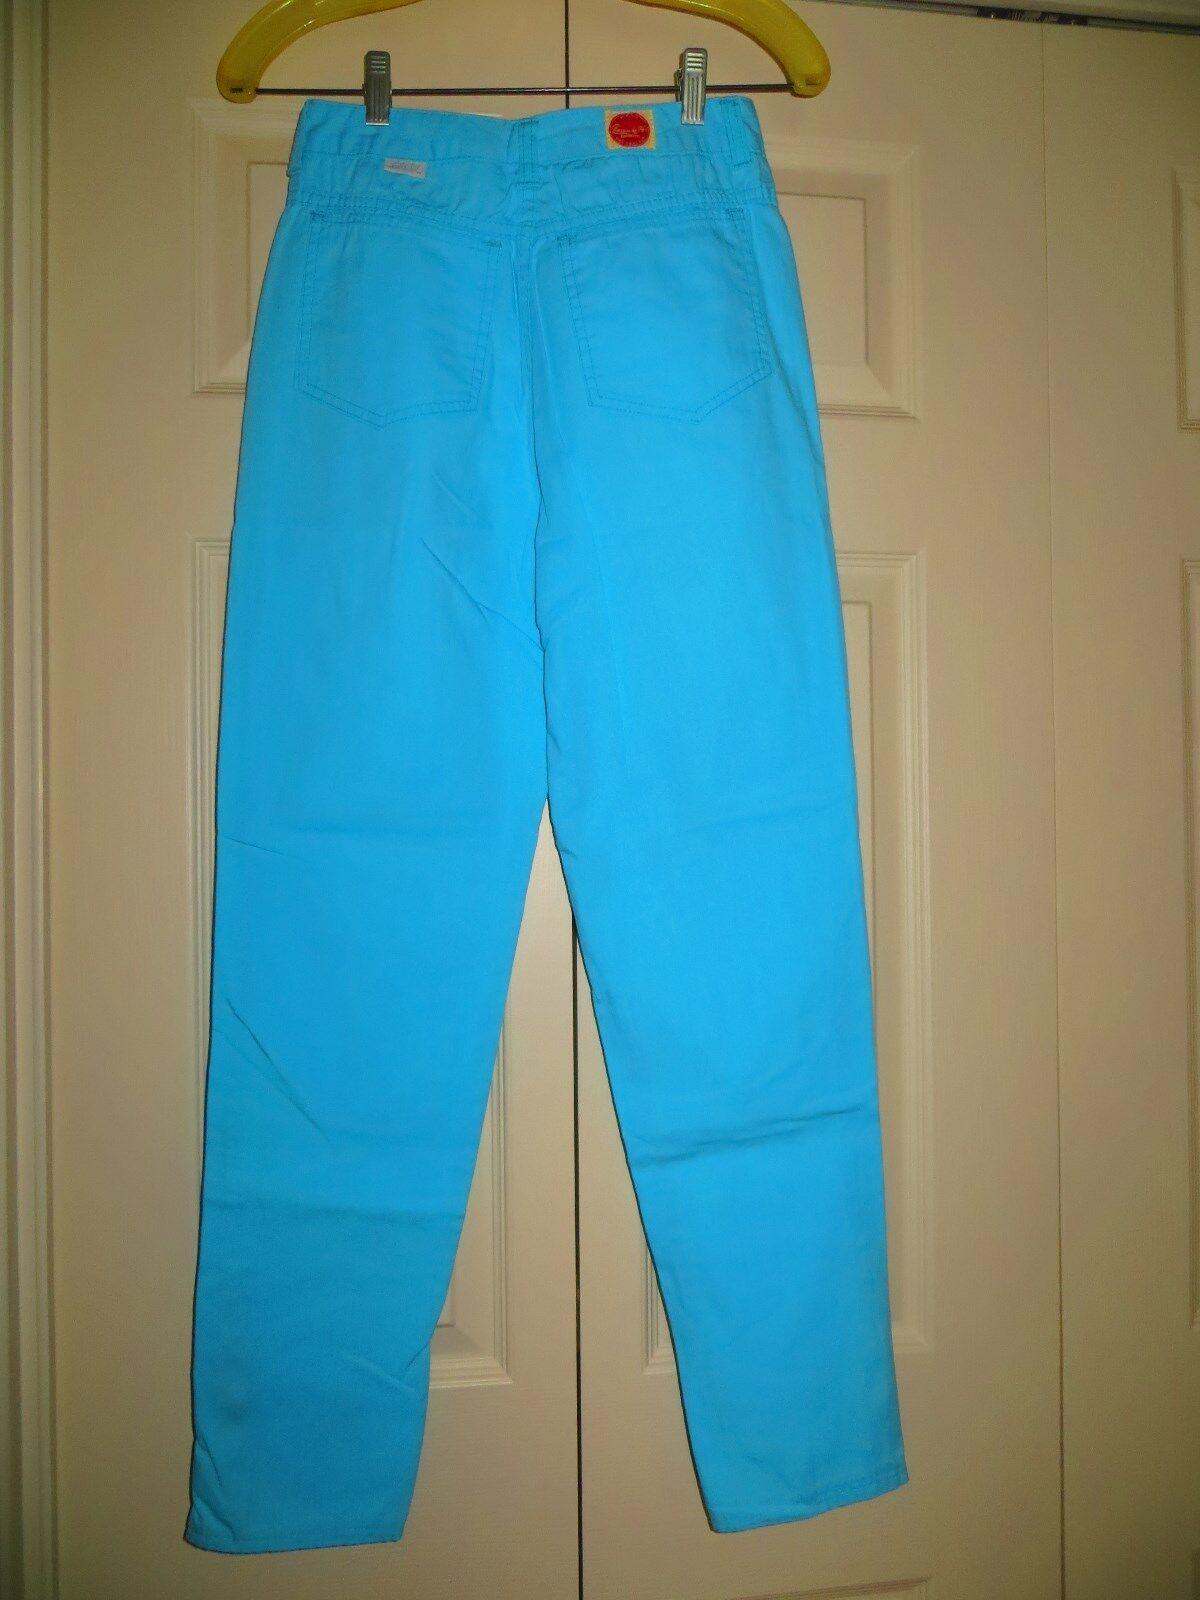 womans skinny jeans pants blue cotton 31/28 Chemi… - image 5